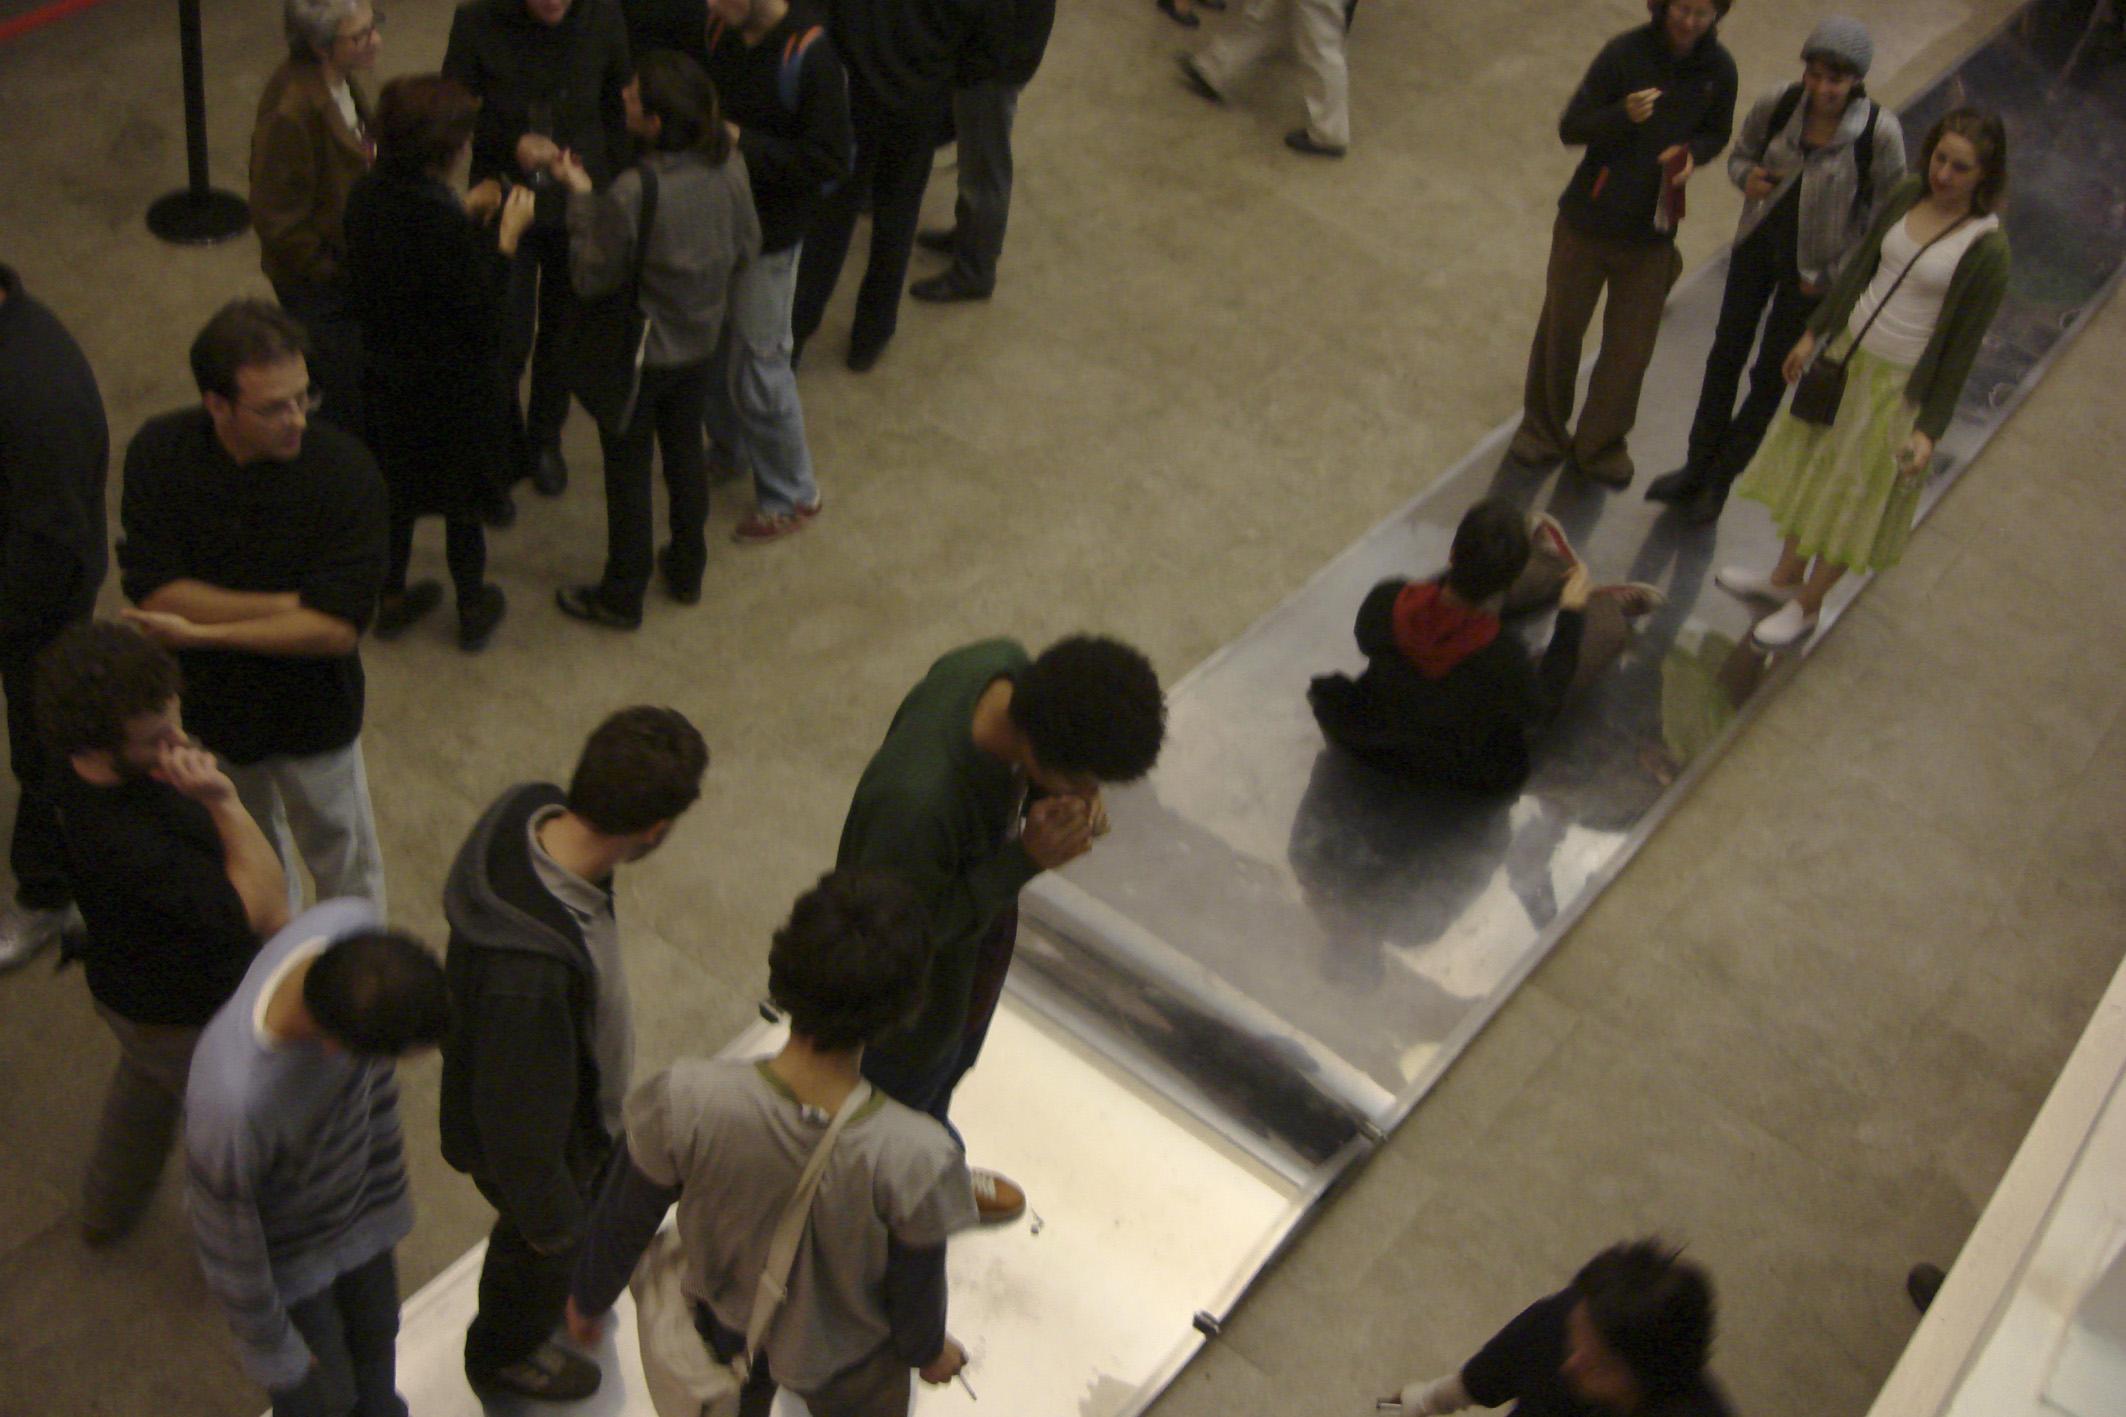 CENTRO CULTURAL DA FIESP - 9 FILE - Festival Internacional de Linguagem EletrônicaSão Paulo | Brasil 2008